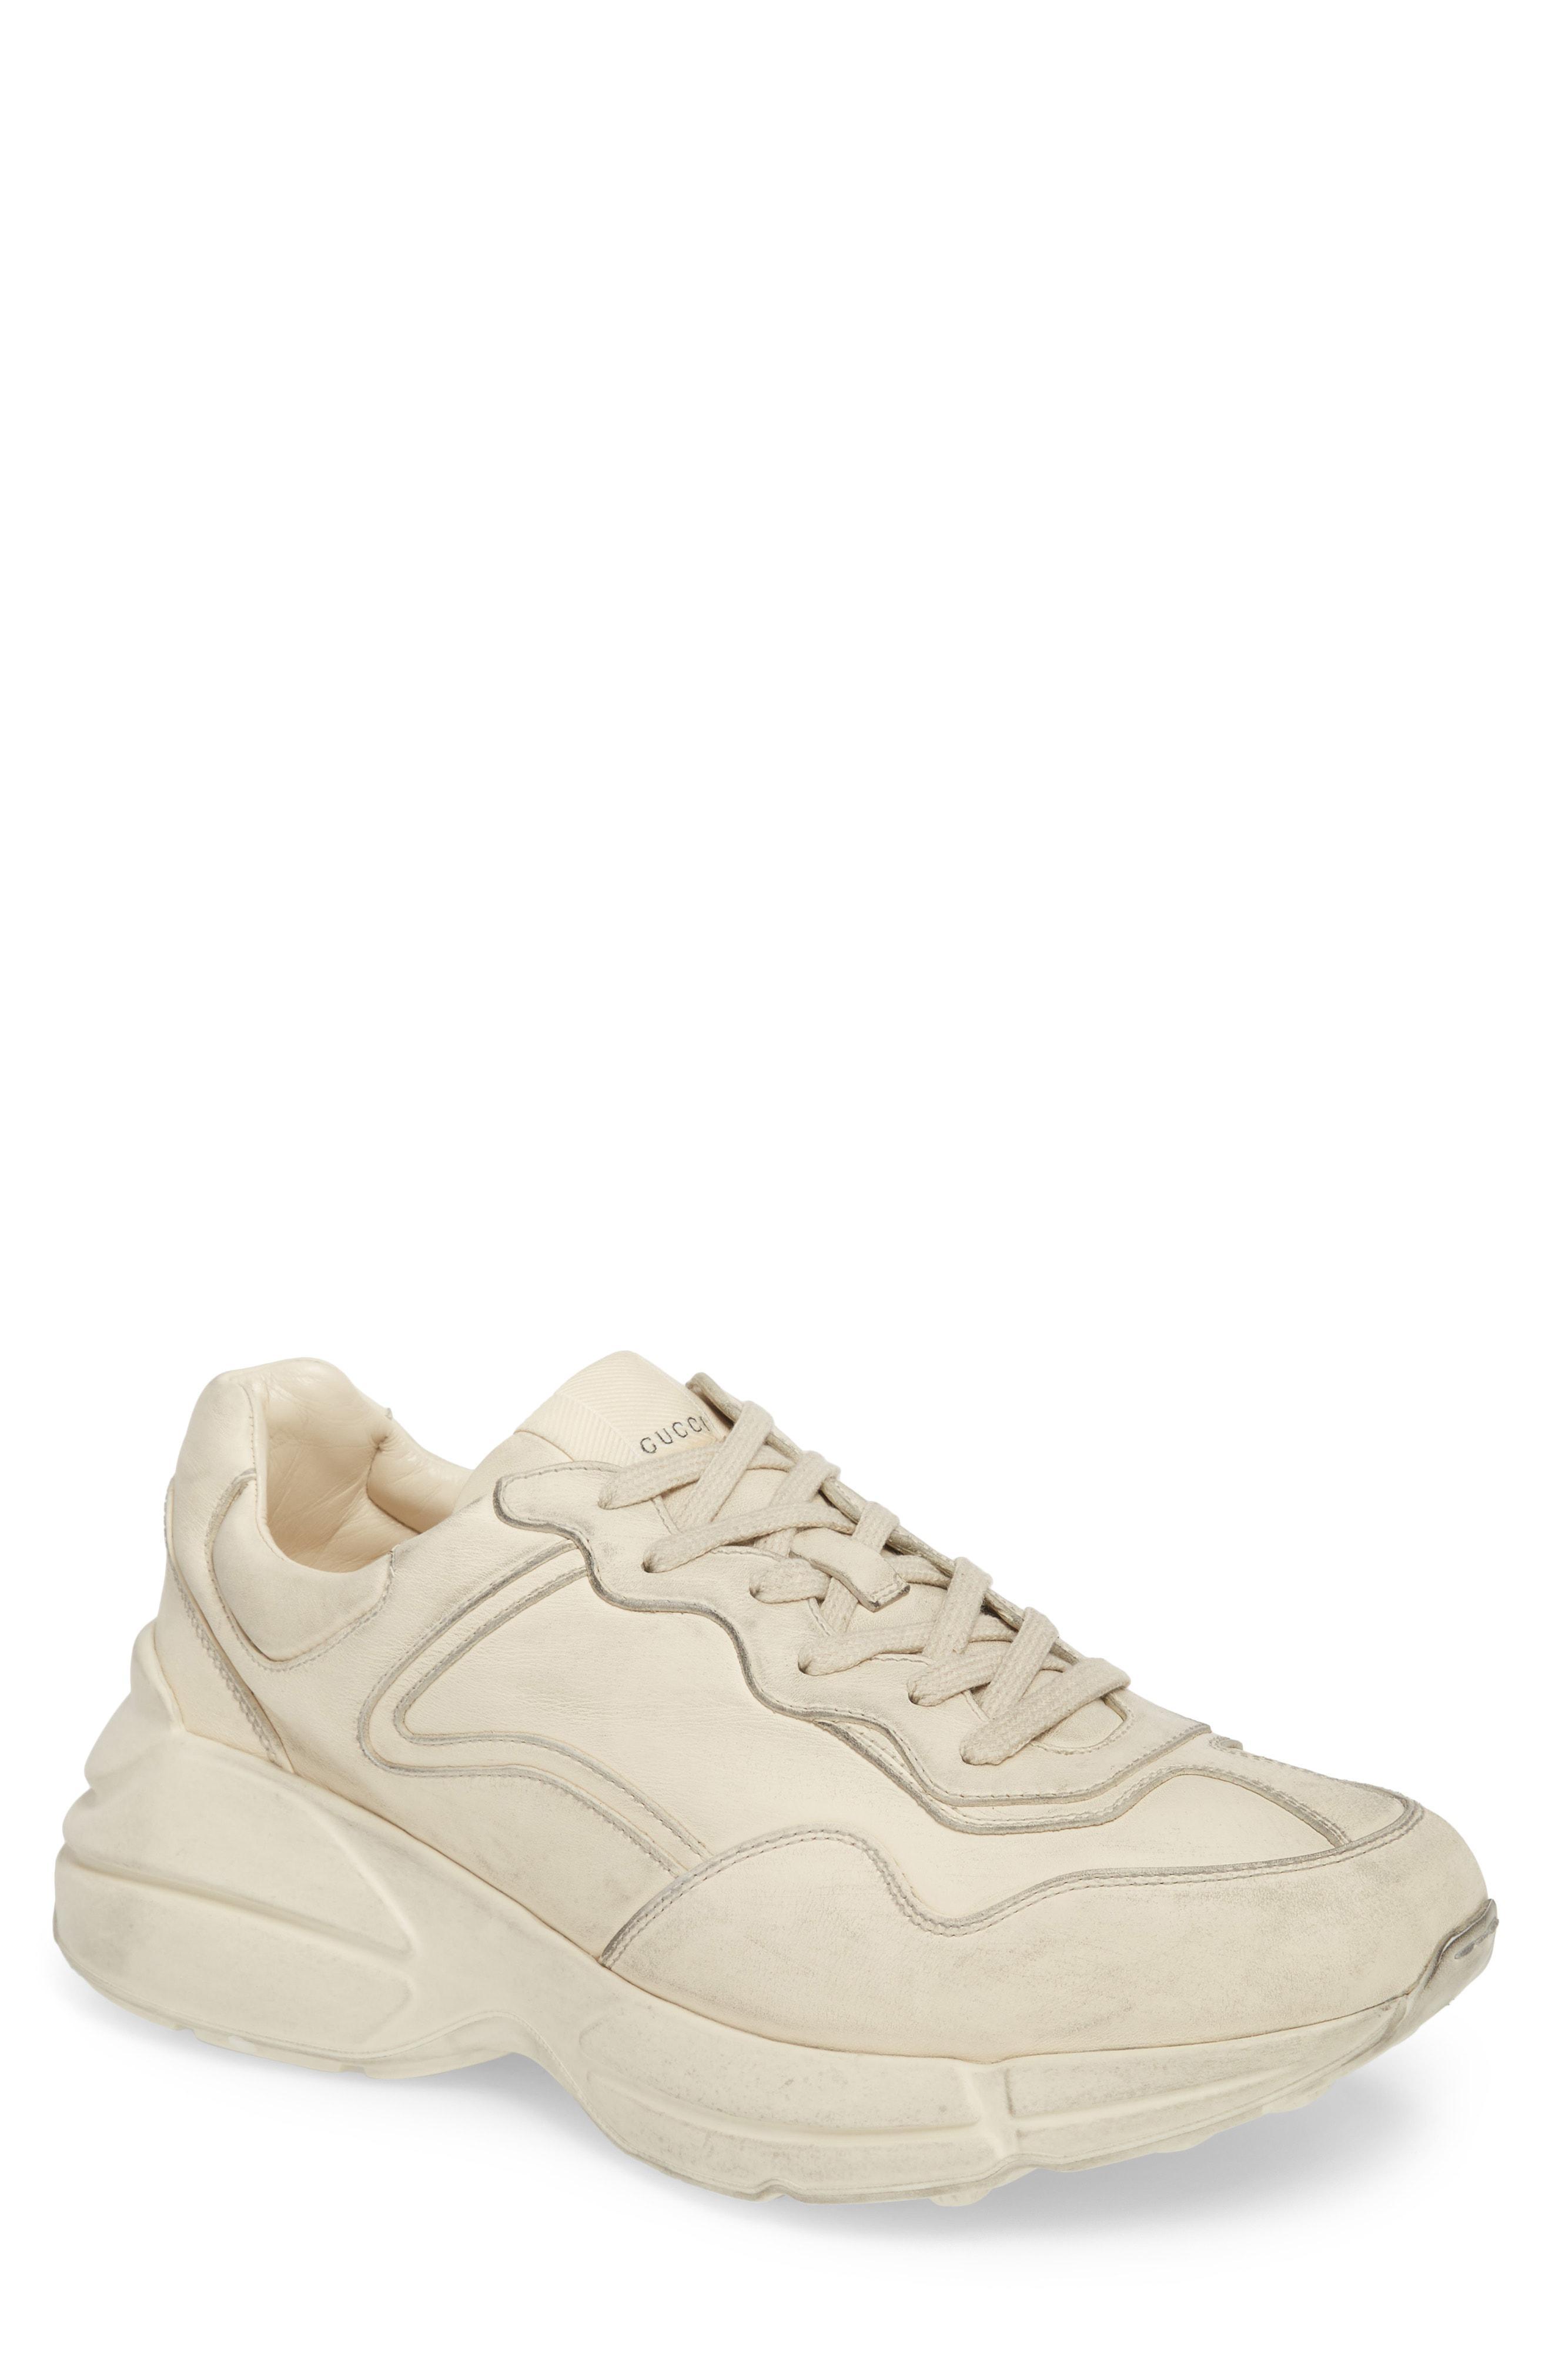 Lyst - Gucci Gara Sneaker in White for Men - Save 11% 3eff2e88e81b